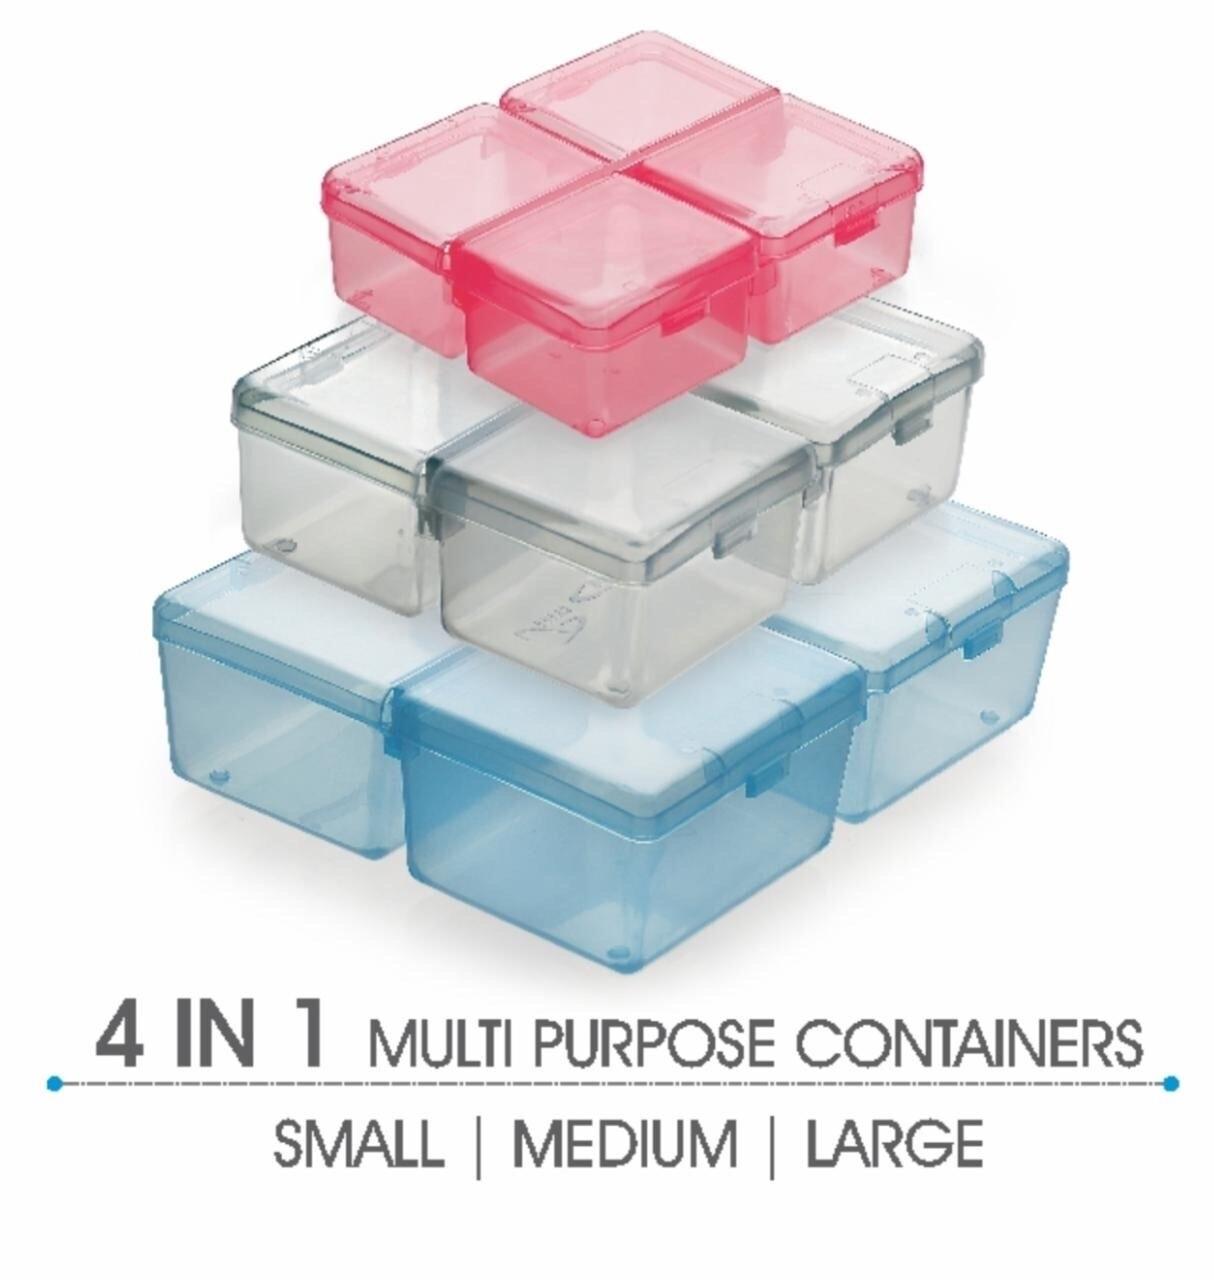 4 In 1 Multipurpose Container (Medium)